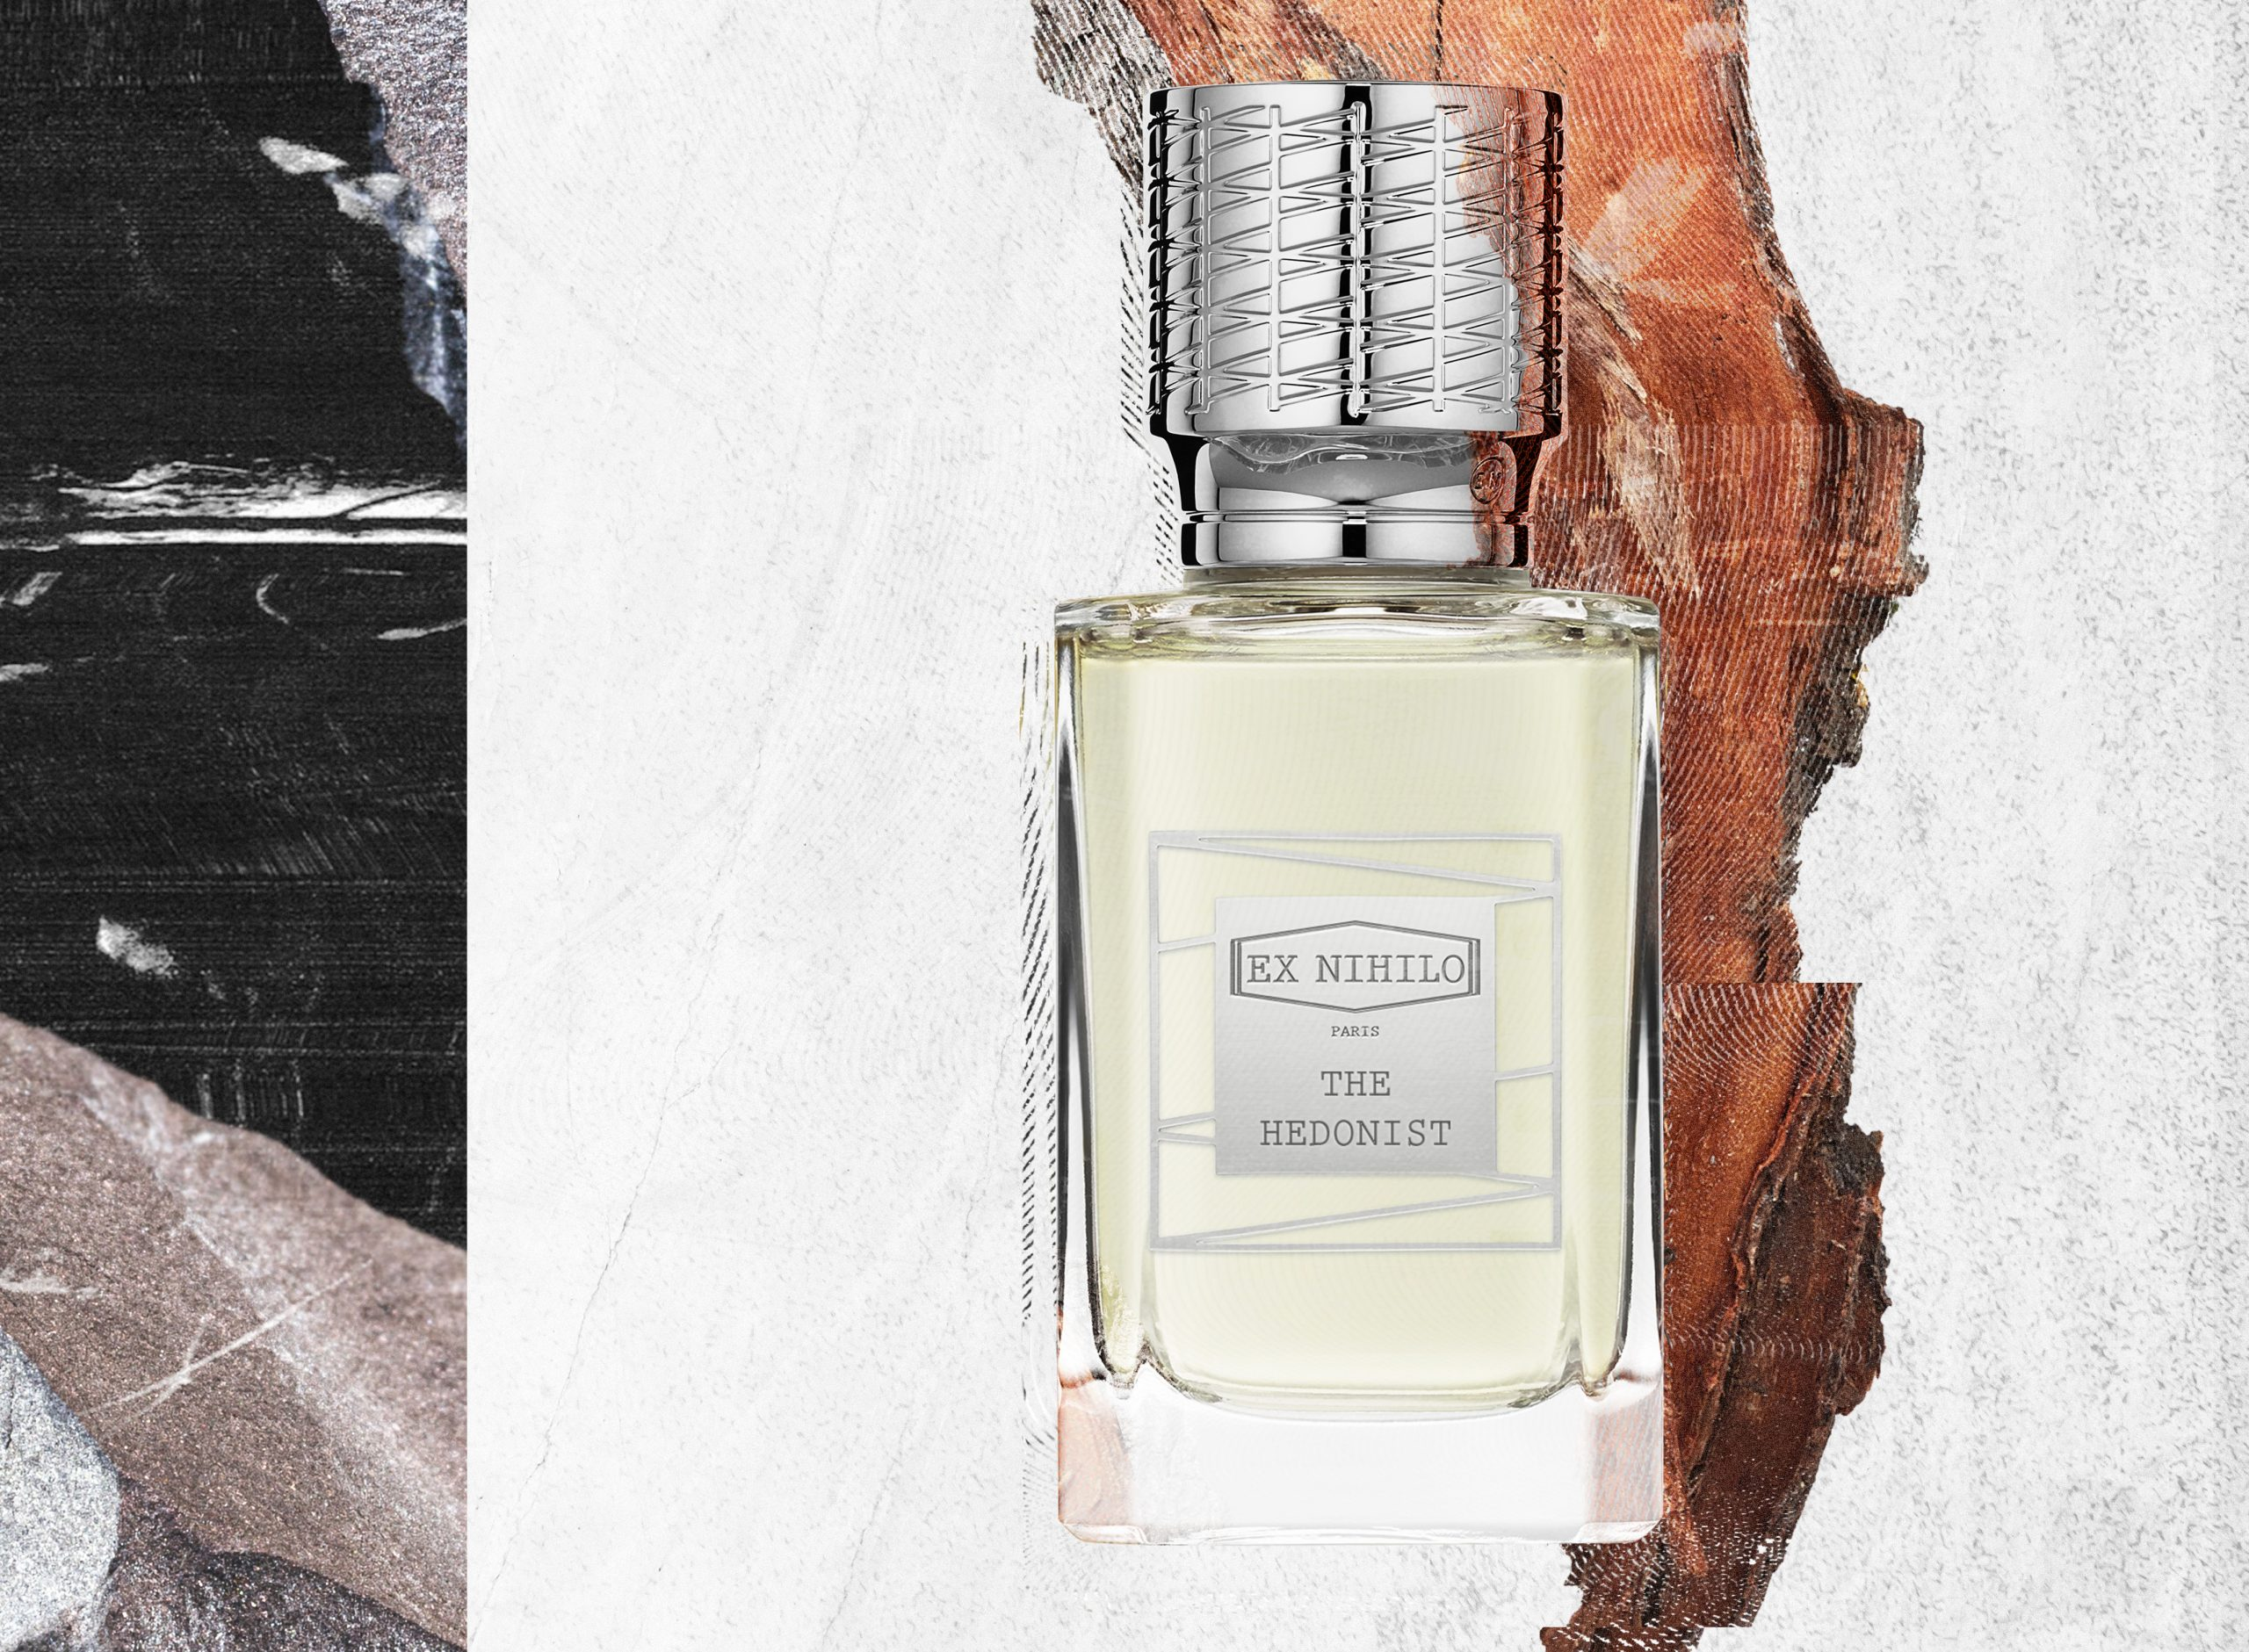 Для гурманов, эстетов и ценителей прекрасного: новый парфюм The Hedonist от Ex Nihilo